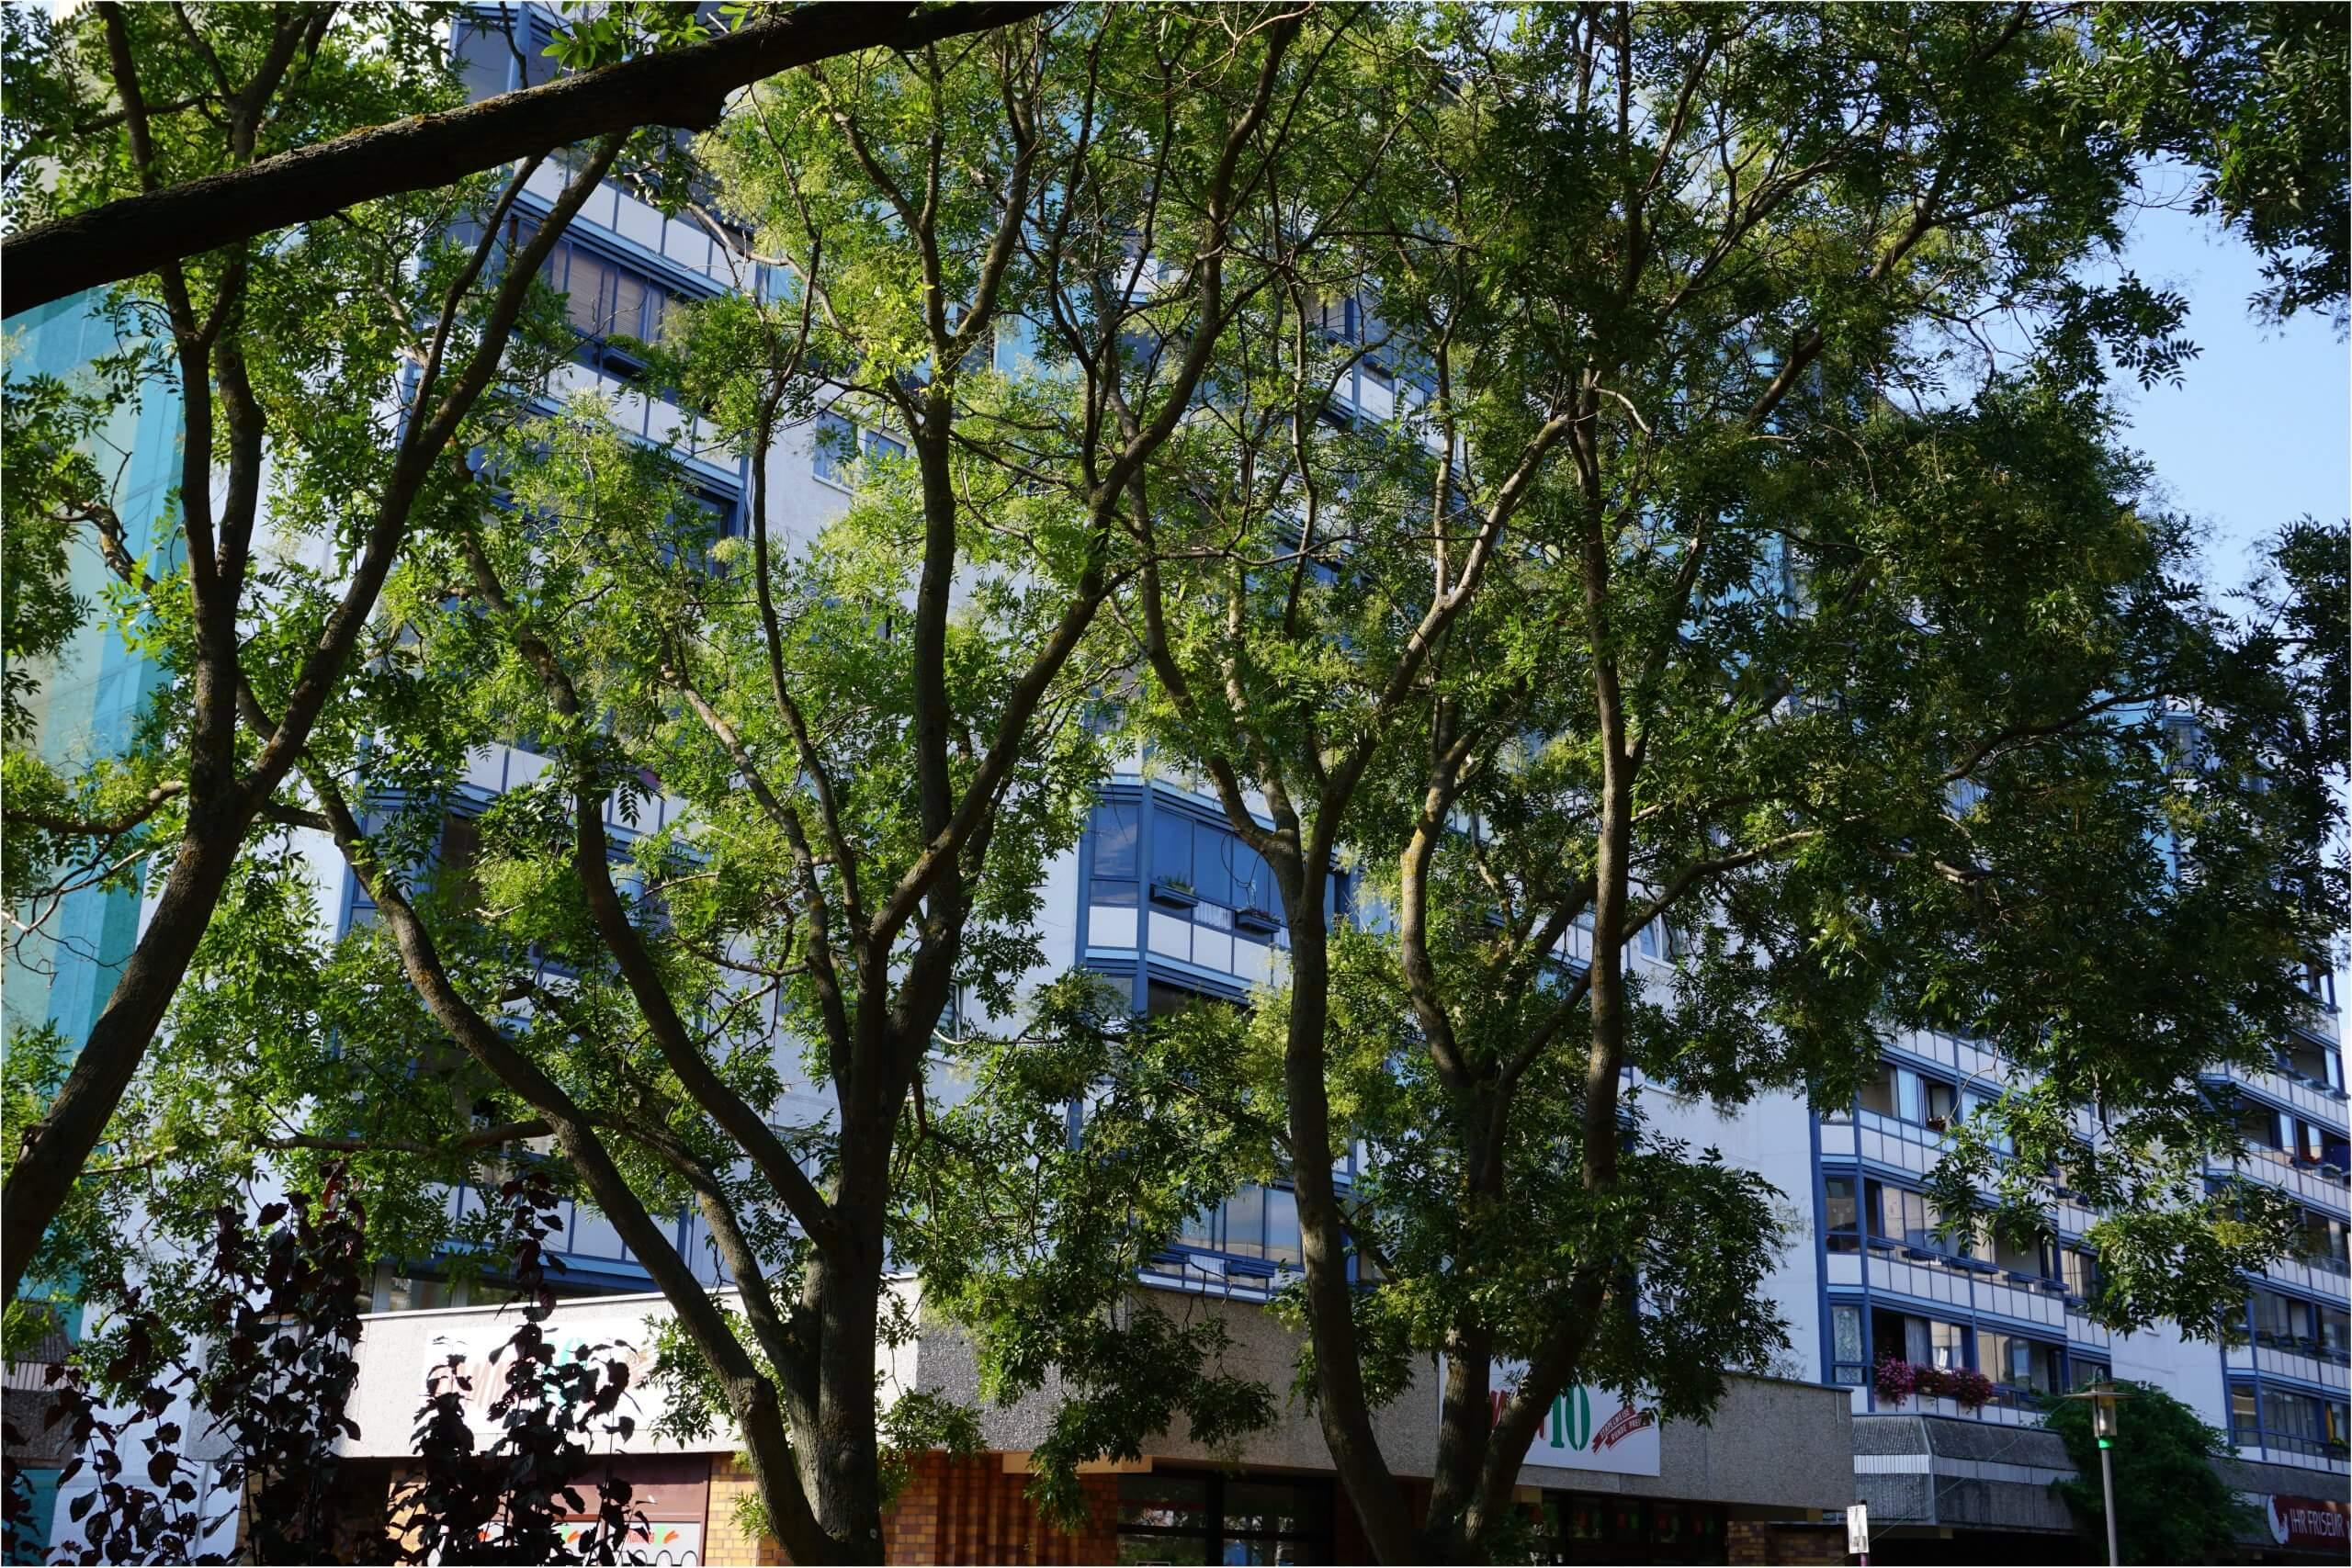 Das Bild zeigt Japanische Schnurbäume in der zentralen Geschäftszeile des Kosmosviertels. Sie sind gärtnerische Bestandteile aus der ersten Phase der Begrünung des Kosmosviertels und Teil des zentralen Grünzuges. Die Steil aufrecht stehenden Äste und Unterstämme sind ein Kennzeichen dieser Bäume.